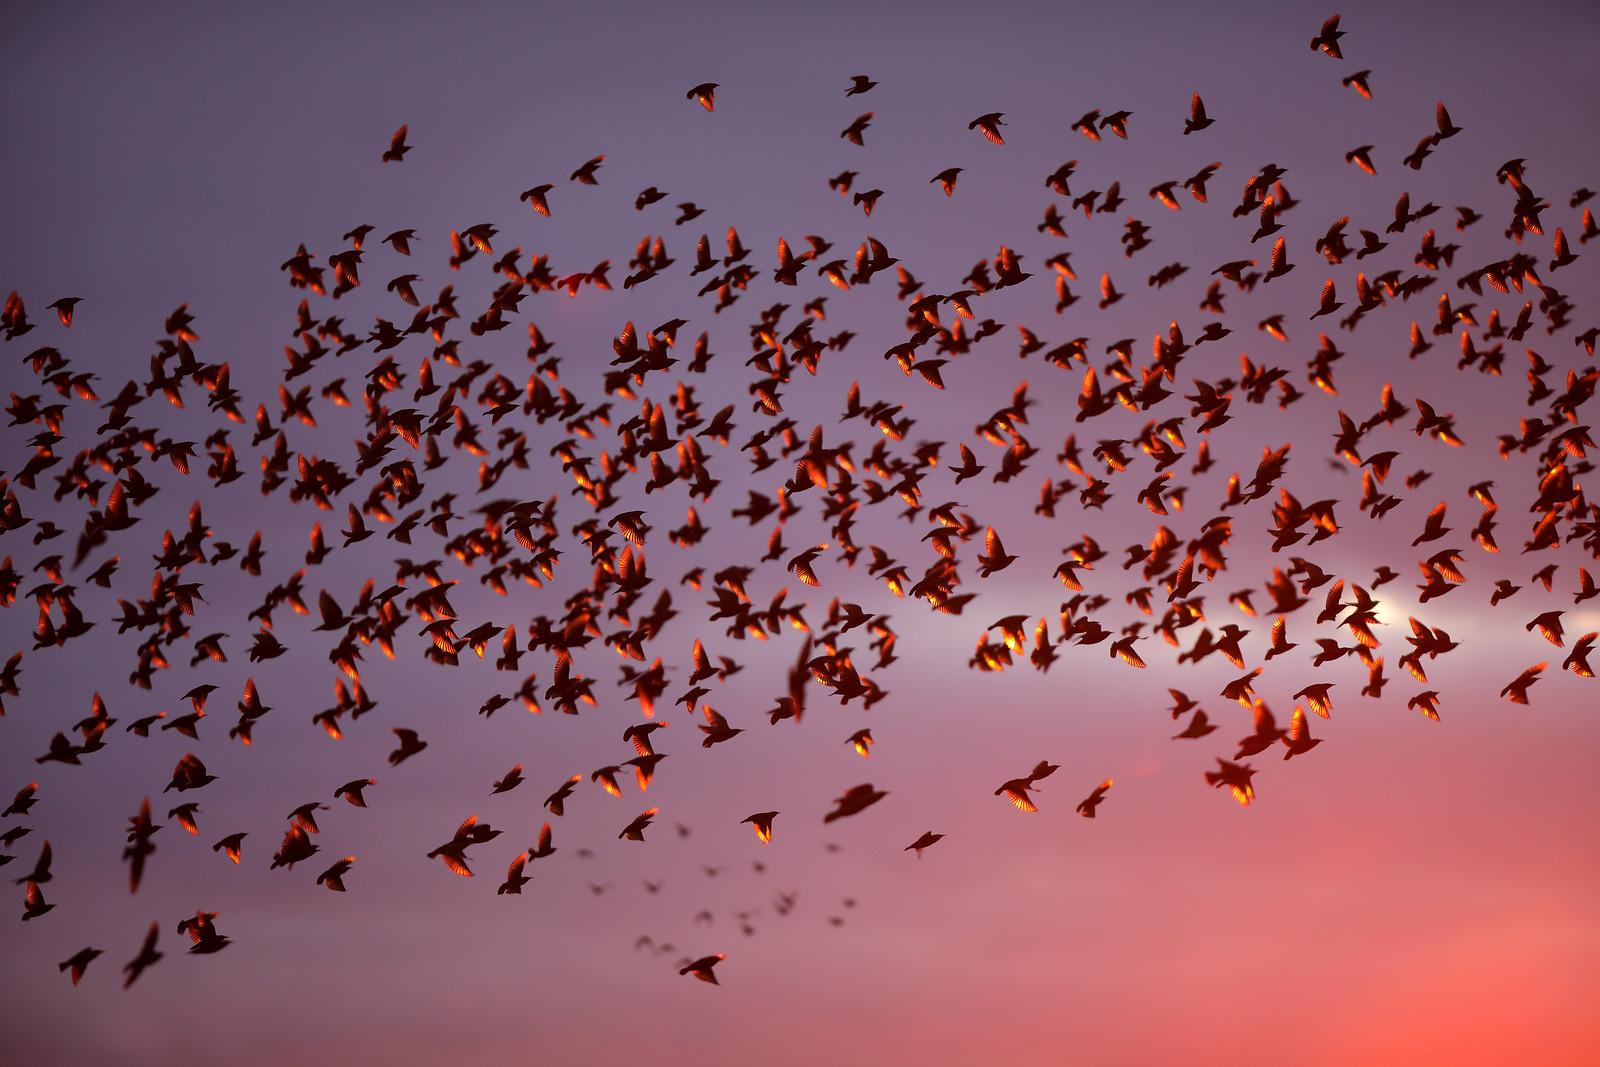 Iridescent Starling Murmuration